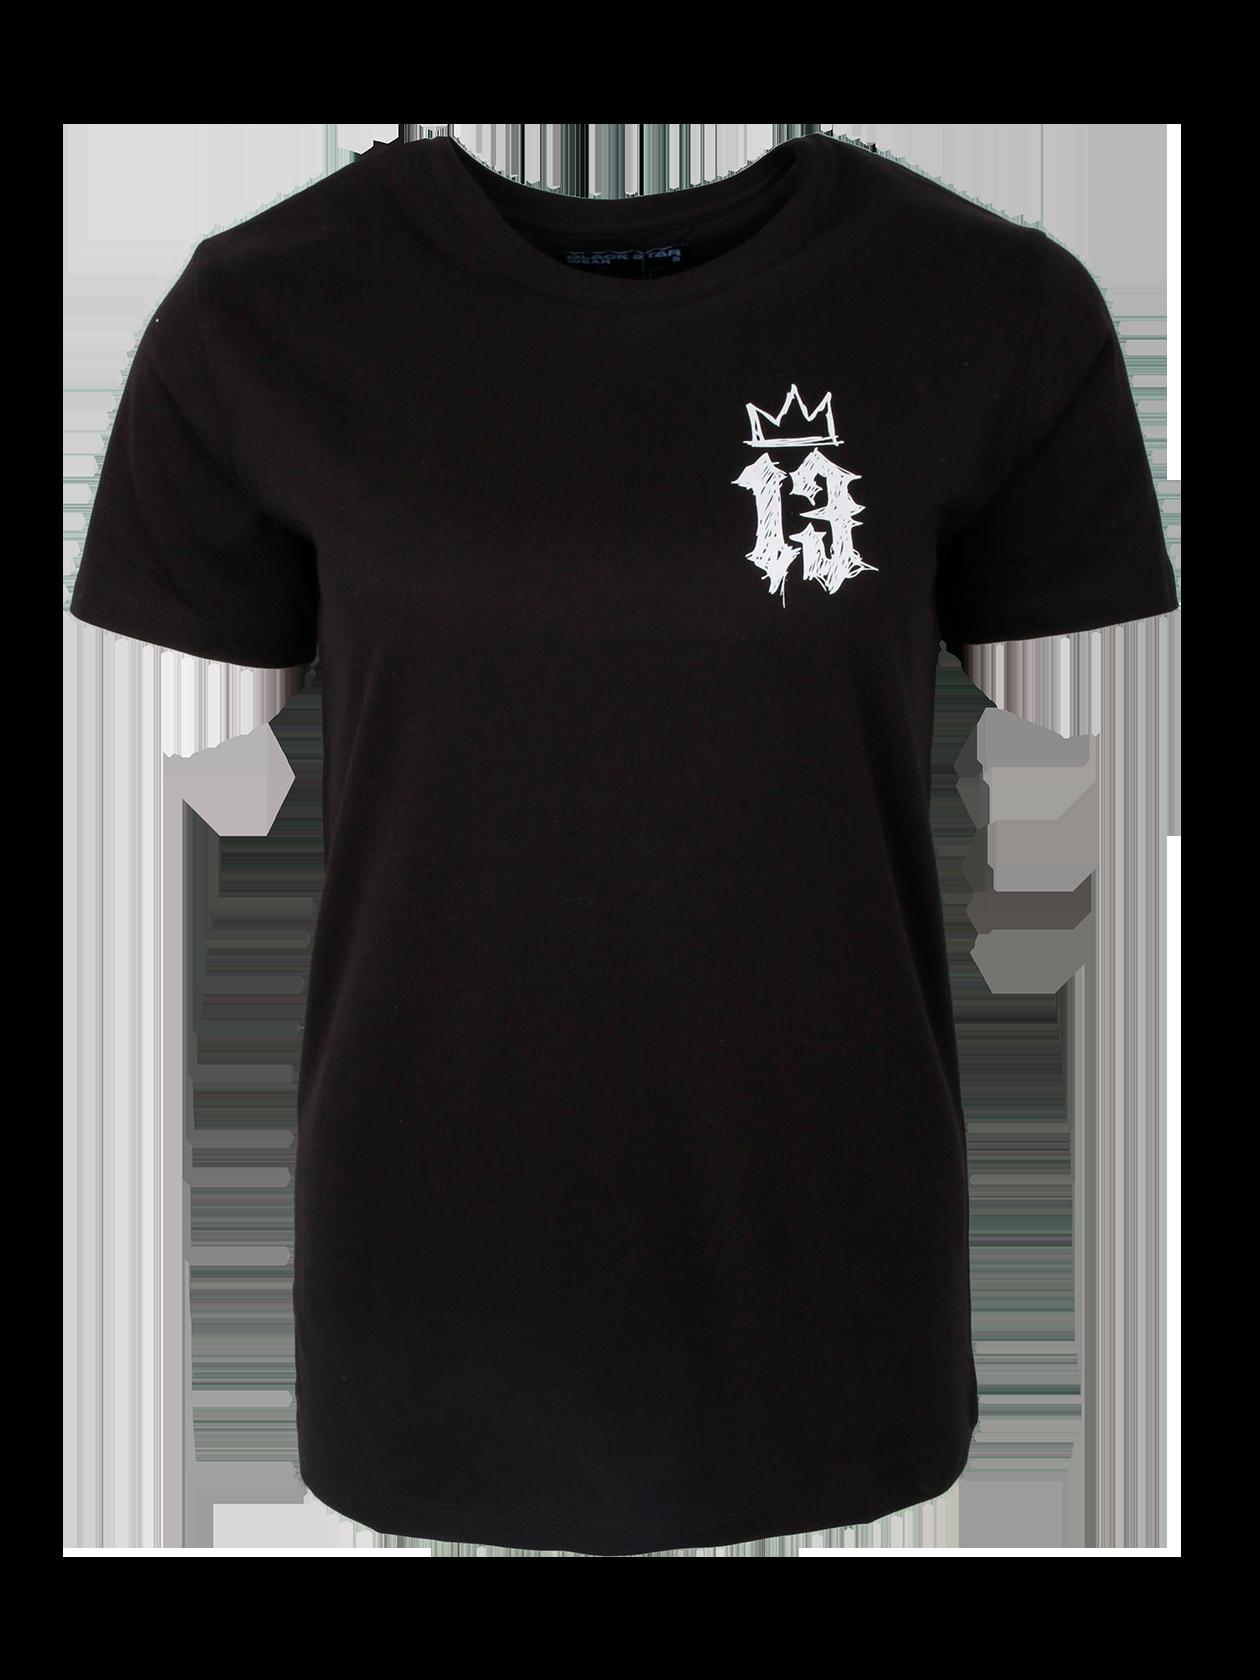 Футболка женская CROWN 13Стильная футболка женская Crown 13 из коллекции Black Star идеально впишется в любой гардероб. Изделие традиционного дизайна изготовлено из первоклассного 100% хлопка. Фасон прямой, силуэт полуприлегающий. Небольшой рукав и круглая горловина с жаккардовым логотипом Black Star Wear с внутренней стороны. Примечательная деталь – контрастный принт на груди с цифрой 13 и короной в оригинальном изображении. Футболка доступна в двух расцветках – белой и черной.<br><br>Размер: XXS<br>Цвет: Черный<br>Пол: Женский